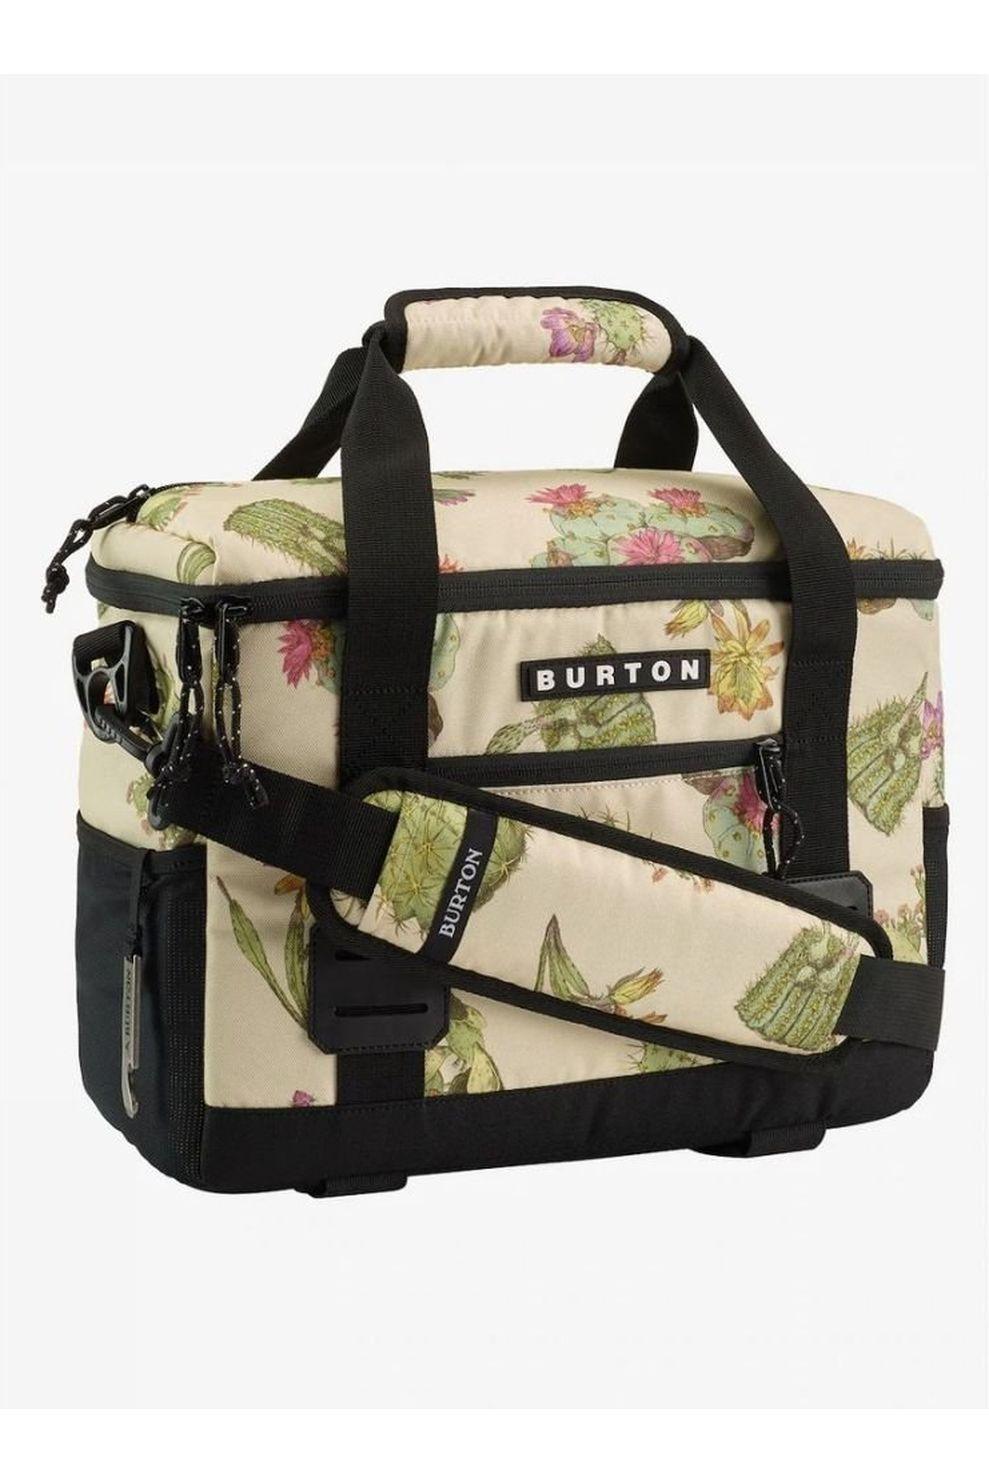 Burton Lil Buddy Cooler Bag - Groen/Zwart